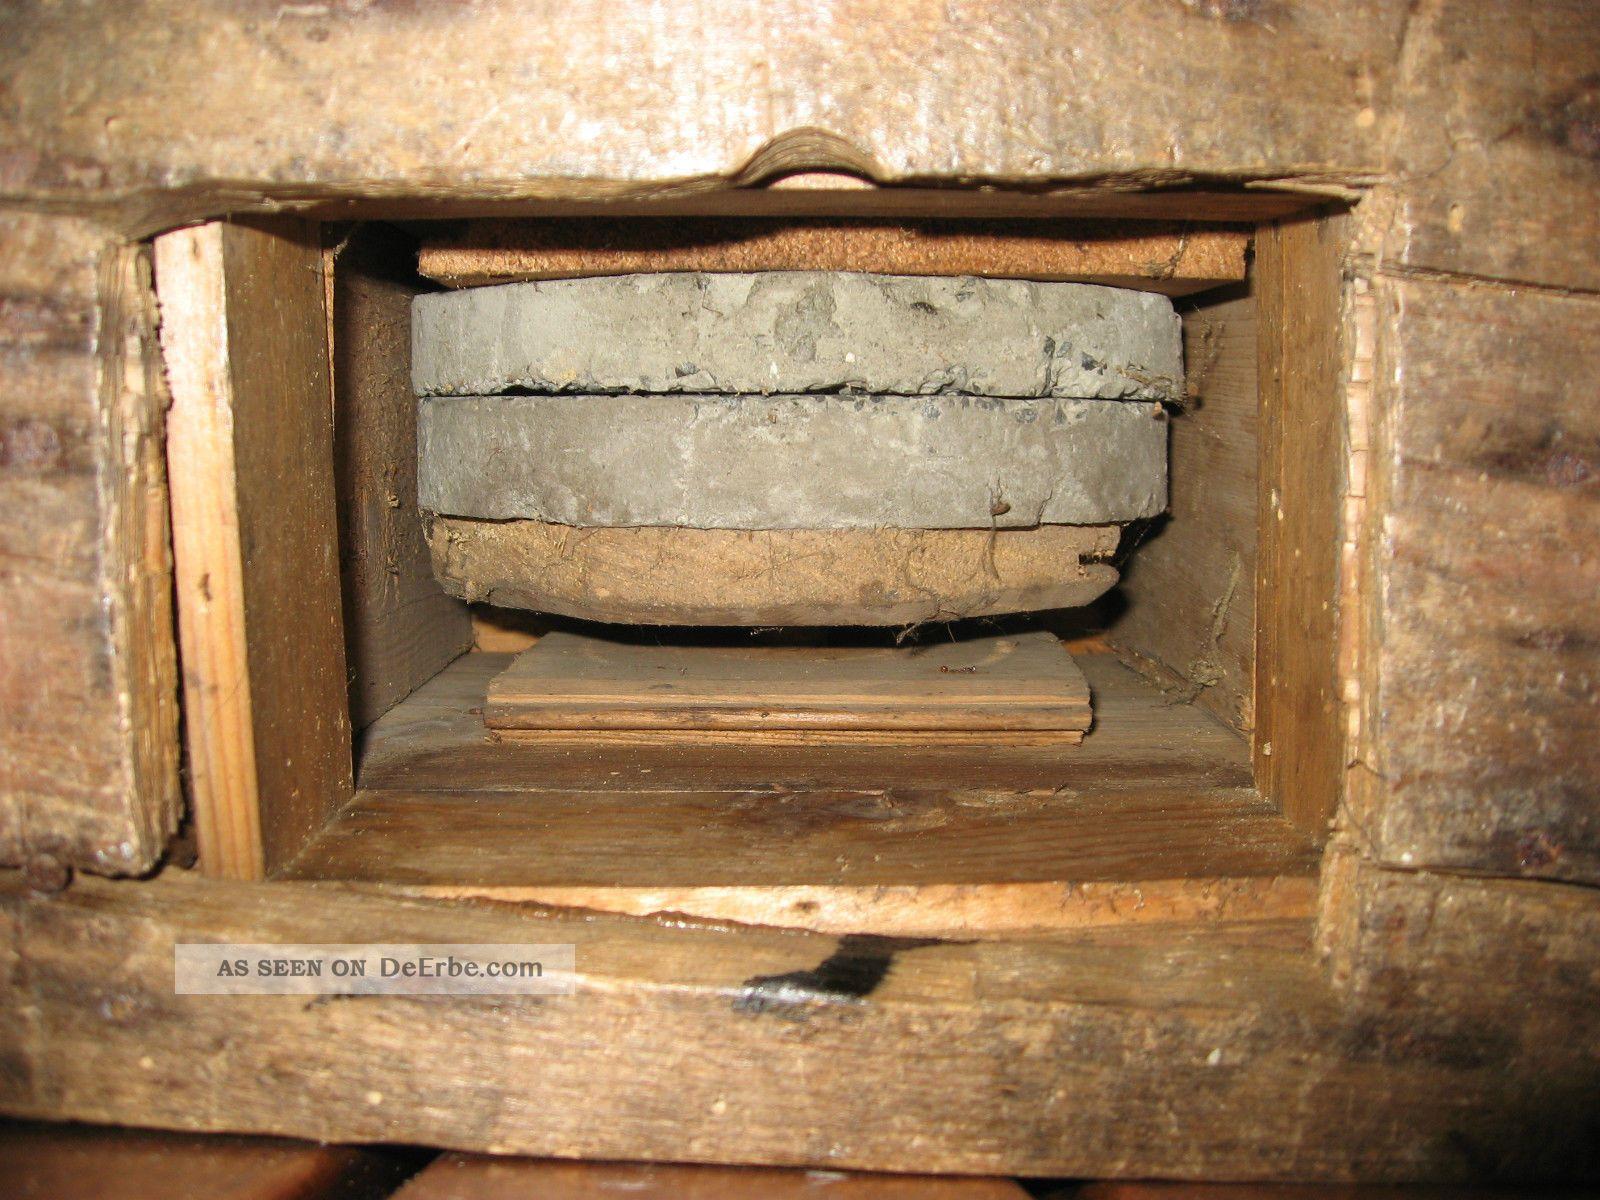 Alte getreidem hle kornm hle kaffeem hle aus holz mit mahlsteinen und kurbel - Alte obstkisten aus holz ...